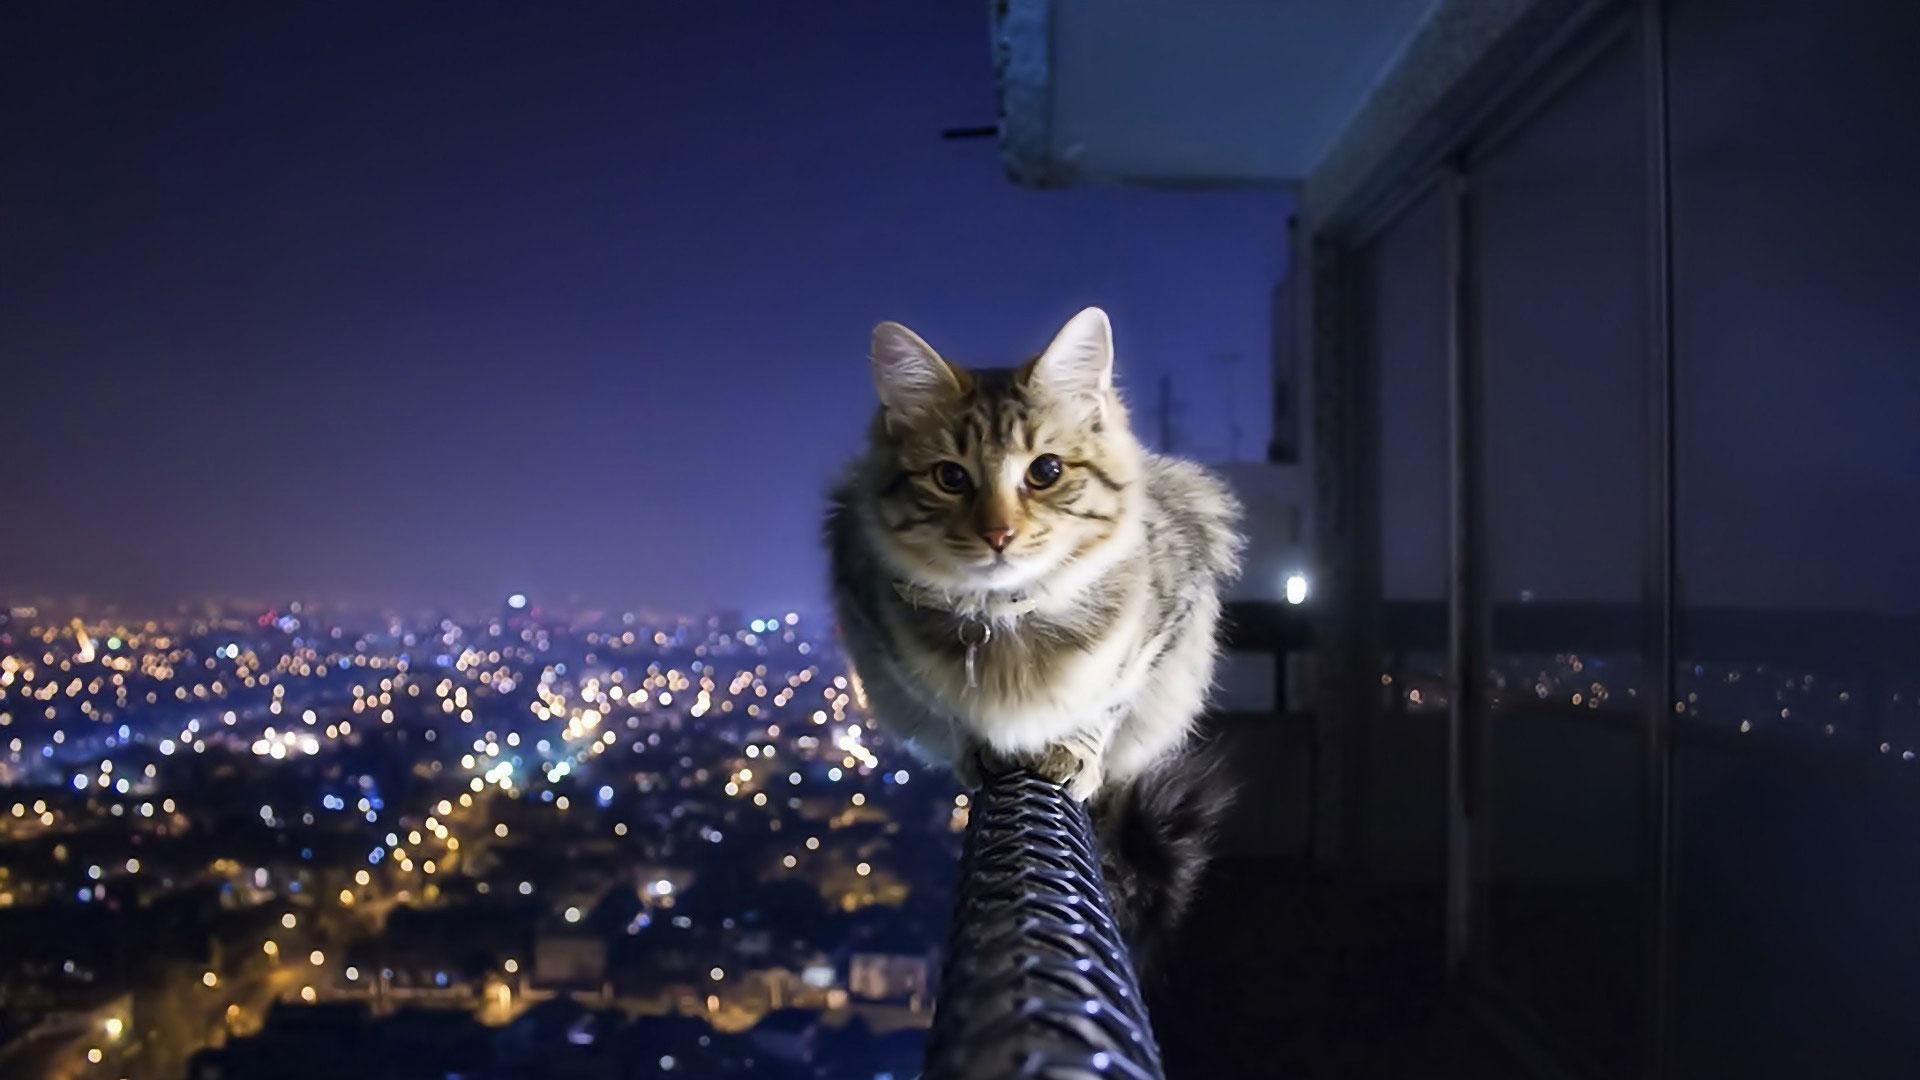 养猫以后,发现天花板上都能长猫